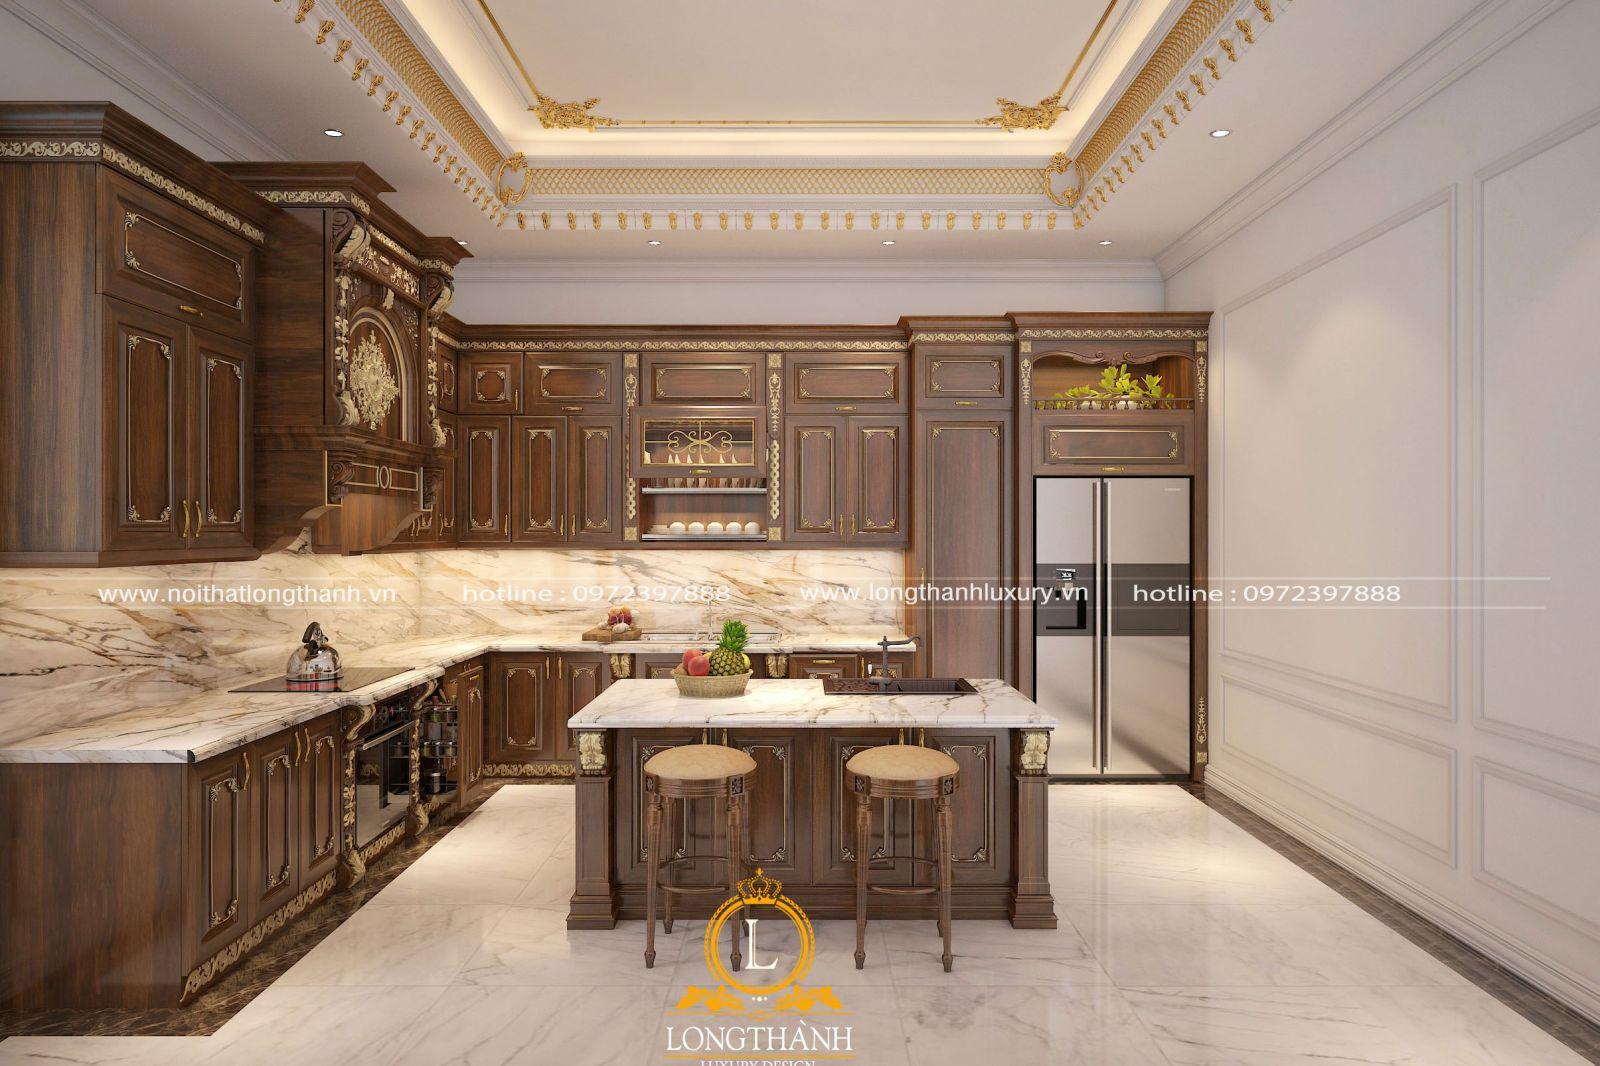 Tủ bếp tân cổ điển từ gỗ tự nhiên dát vàng hoa văn sang trọng